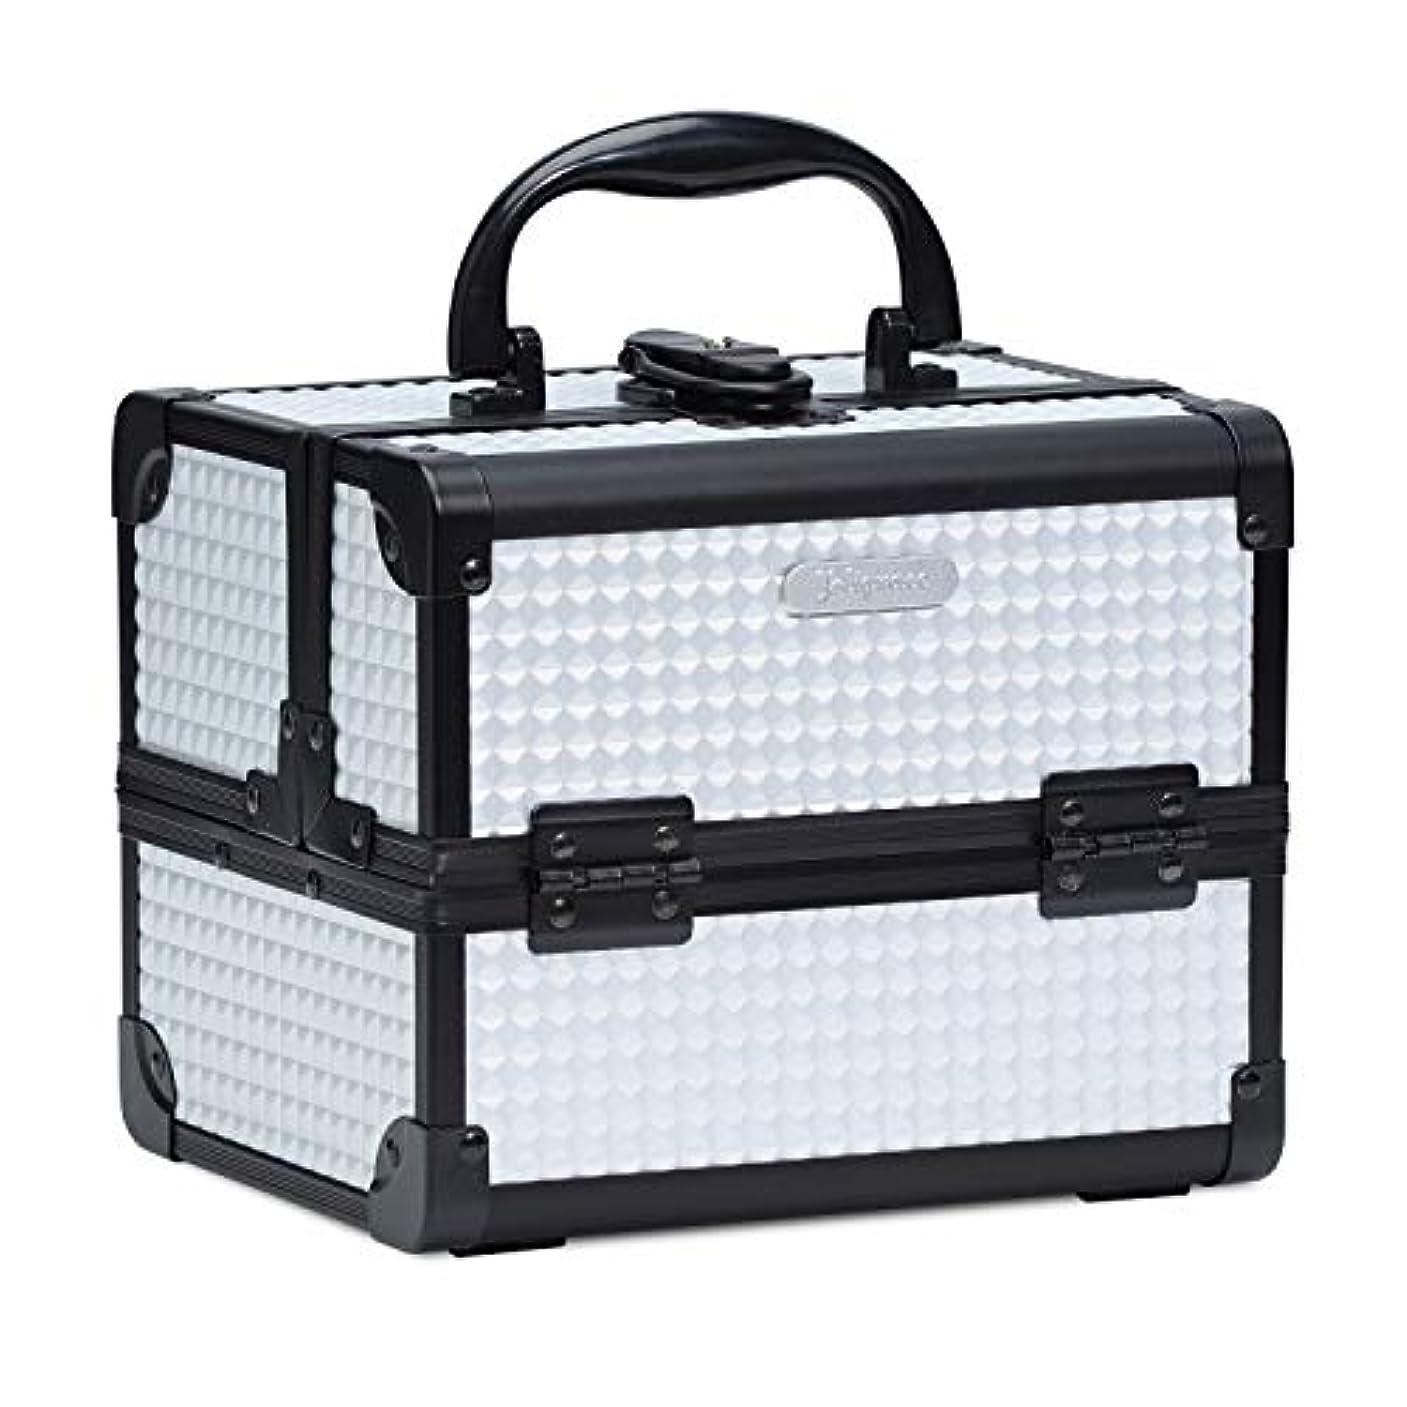 有名ポット増強するHapilife コスメボックス 鏡付き スライドトレイ メイク用品収納 プロ仕様 小型 化粧箱